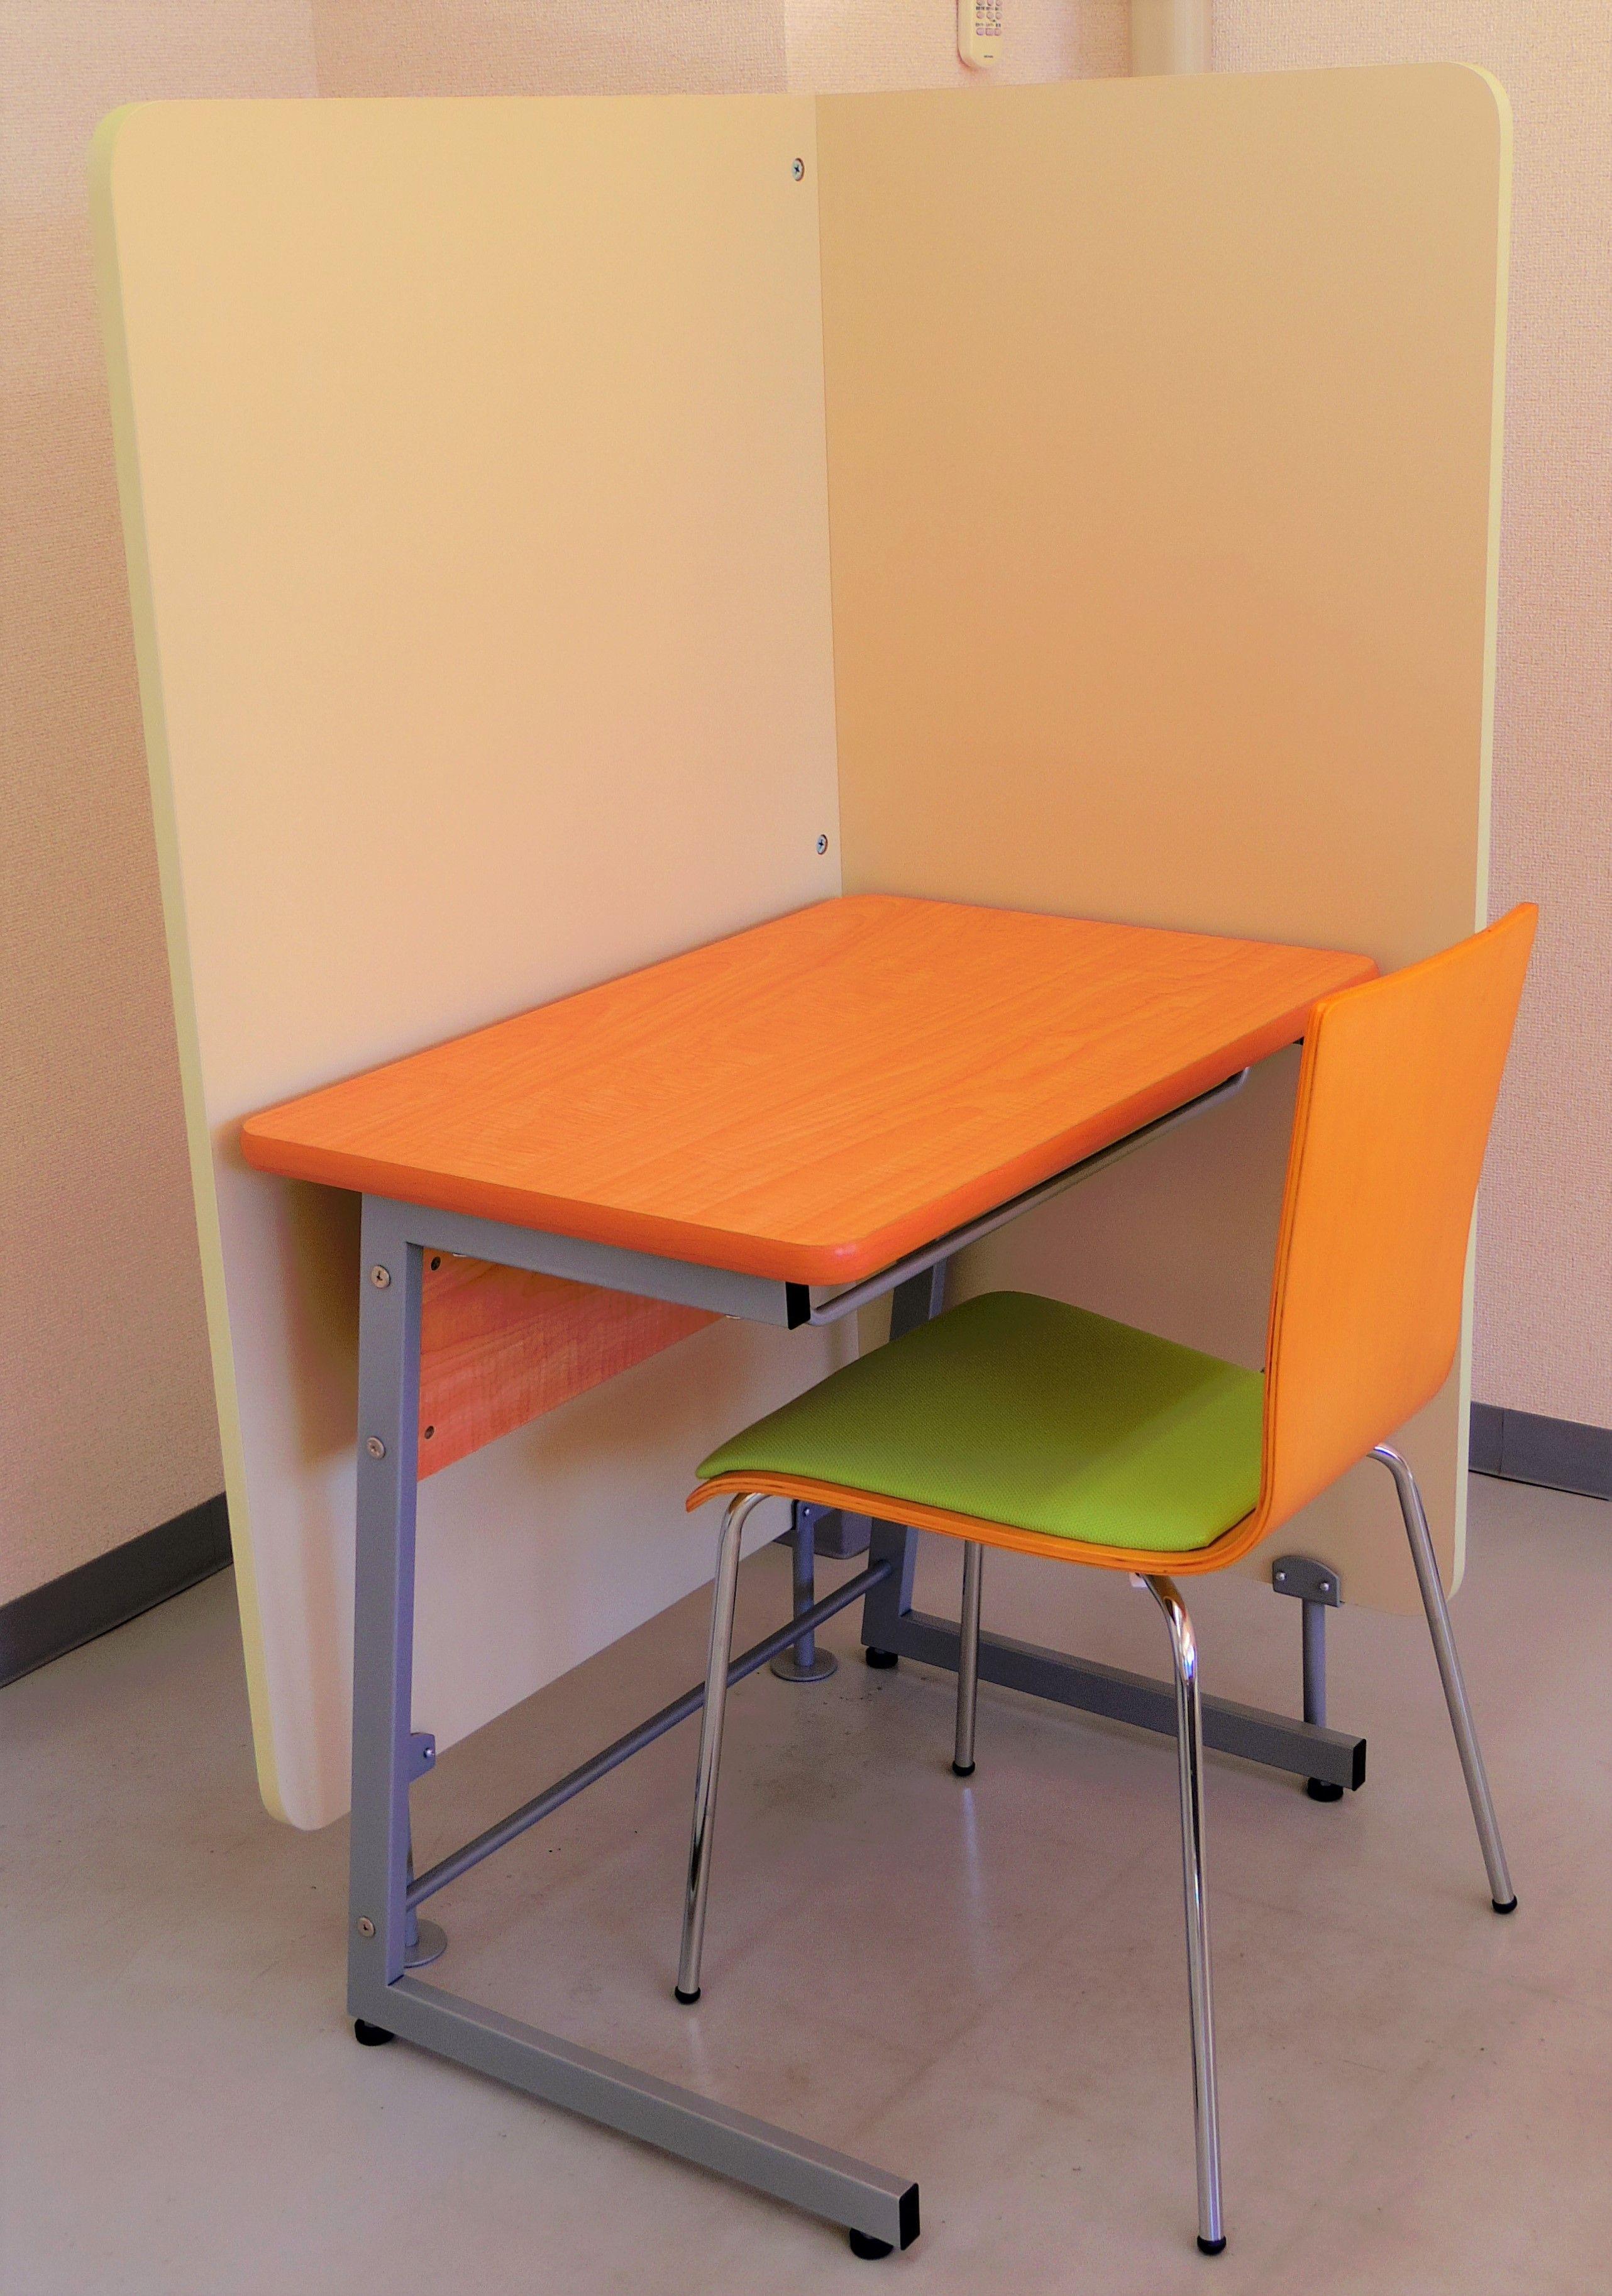 会議テーブル(id:10201)の買取価格を比較 おいくら